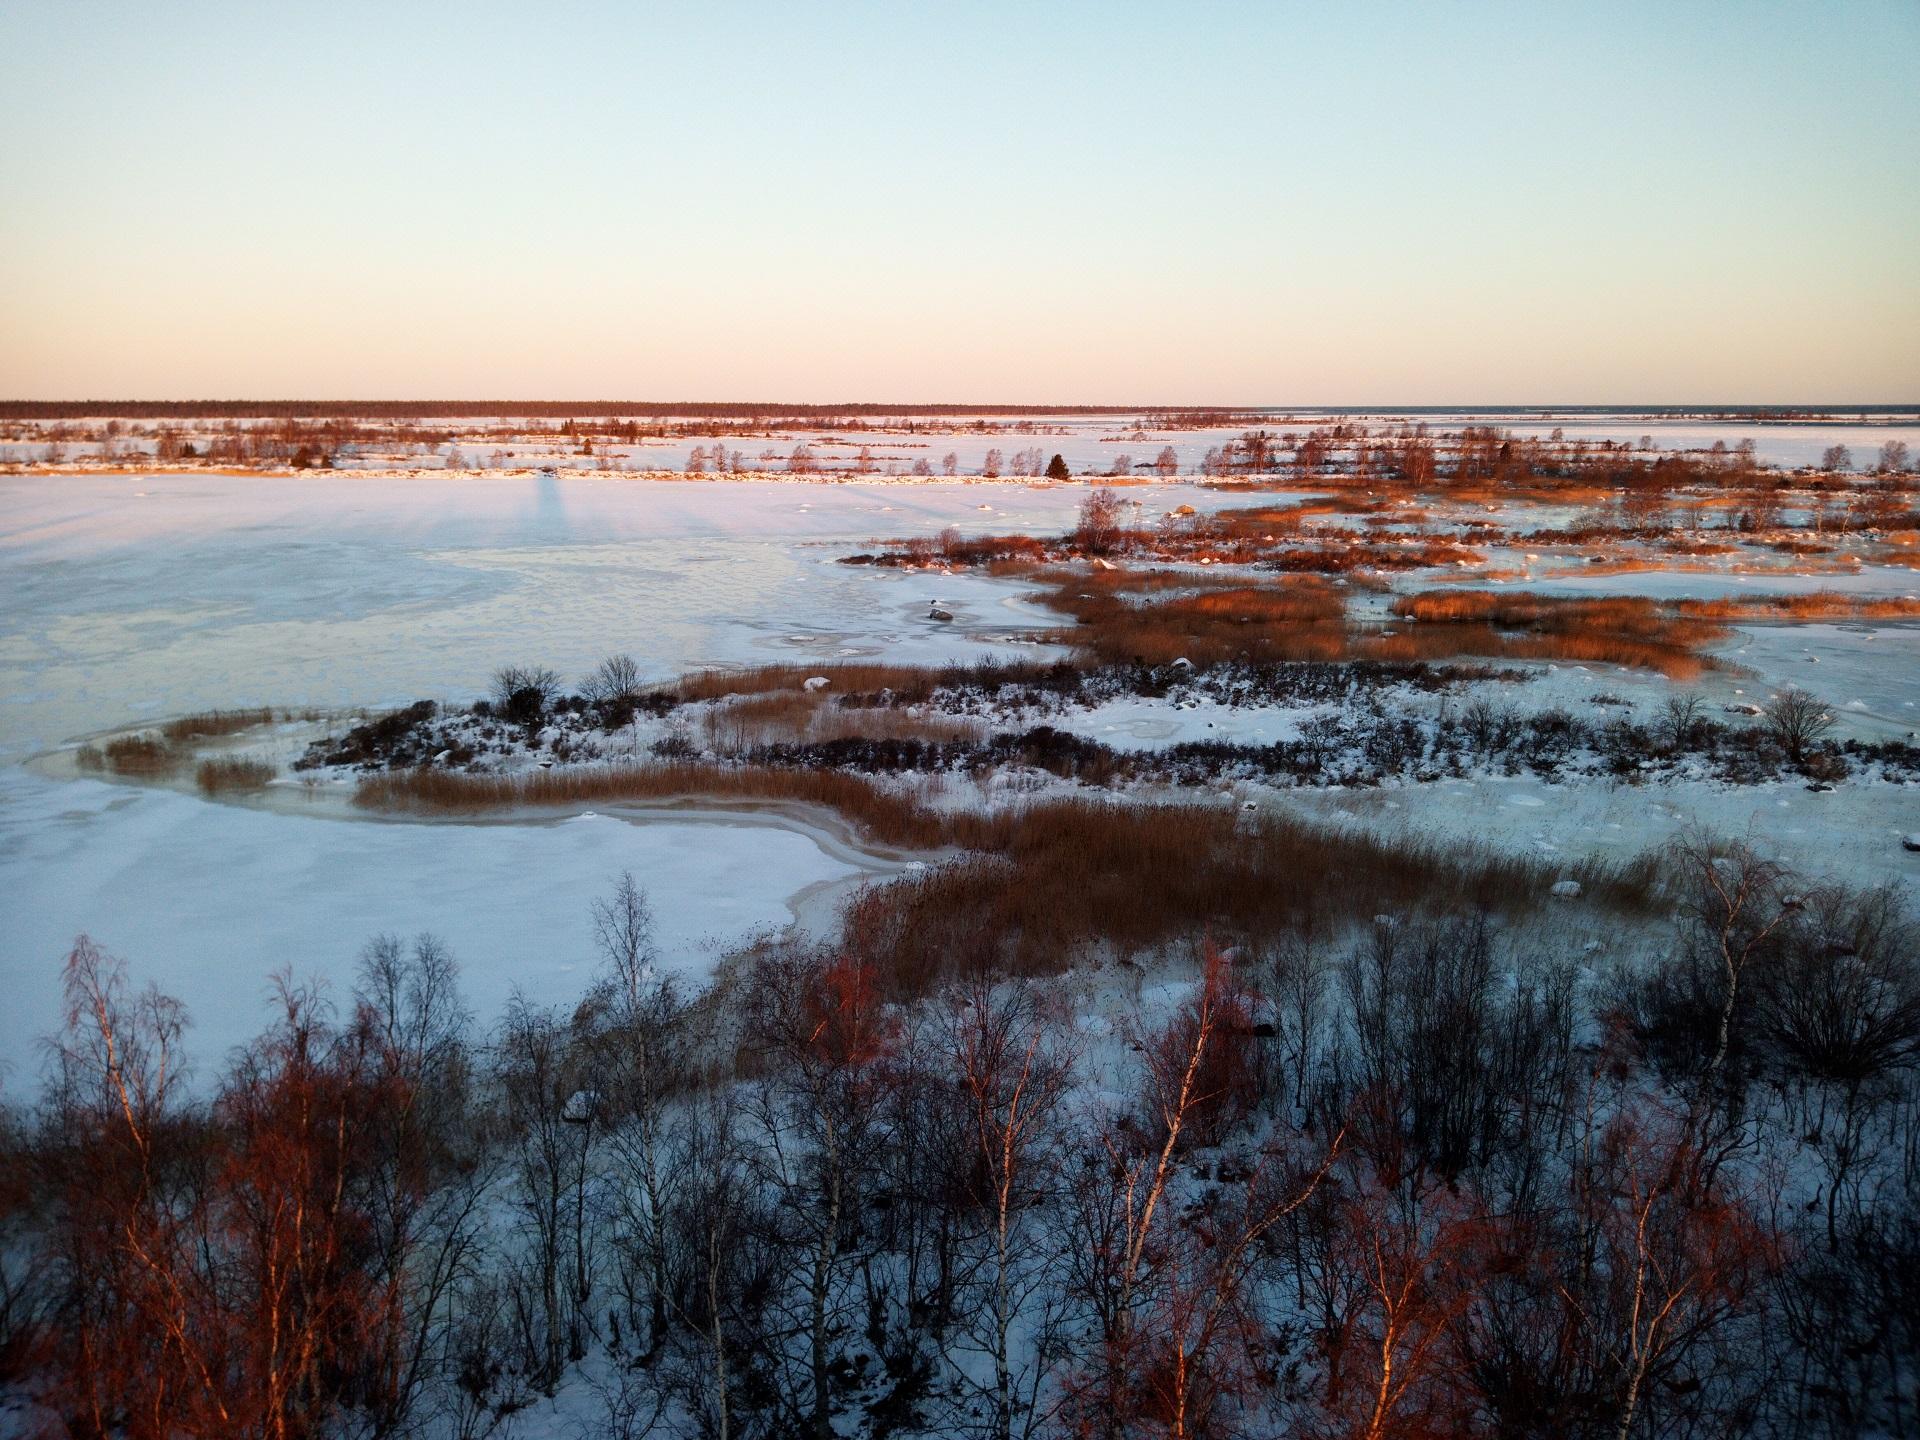 Talvinen maisema Merenkurkun saaristosta, jossa meri on jäässä ja kapeita ja pitkiä saaria peittää lumi.